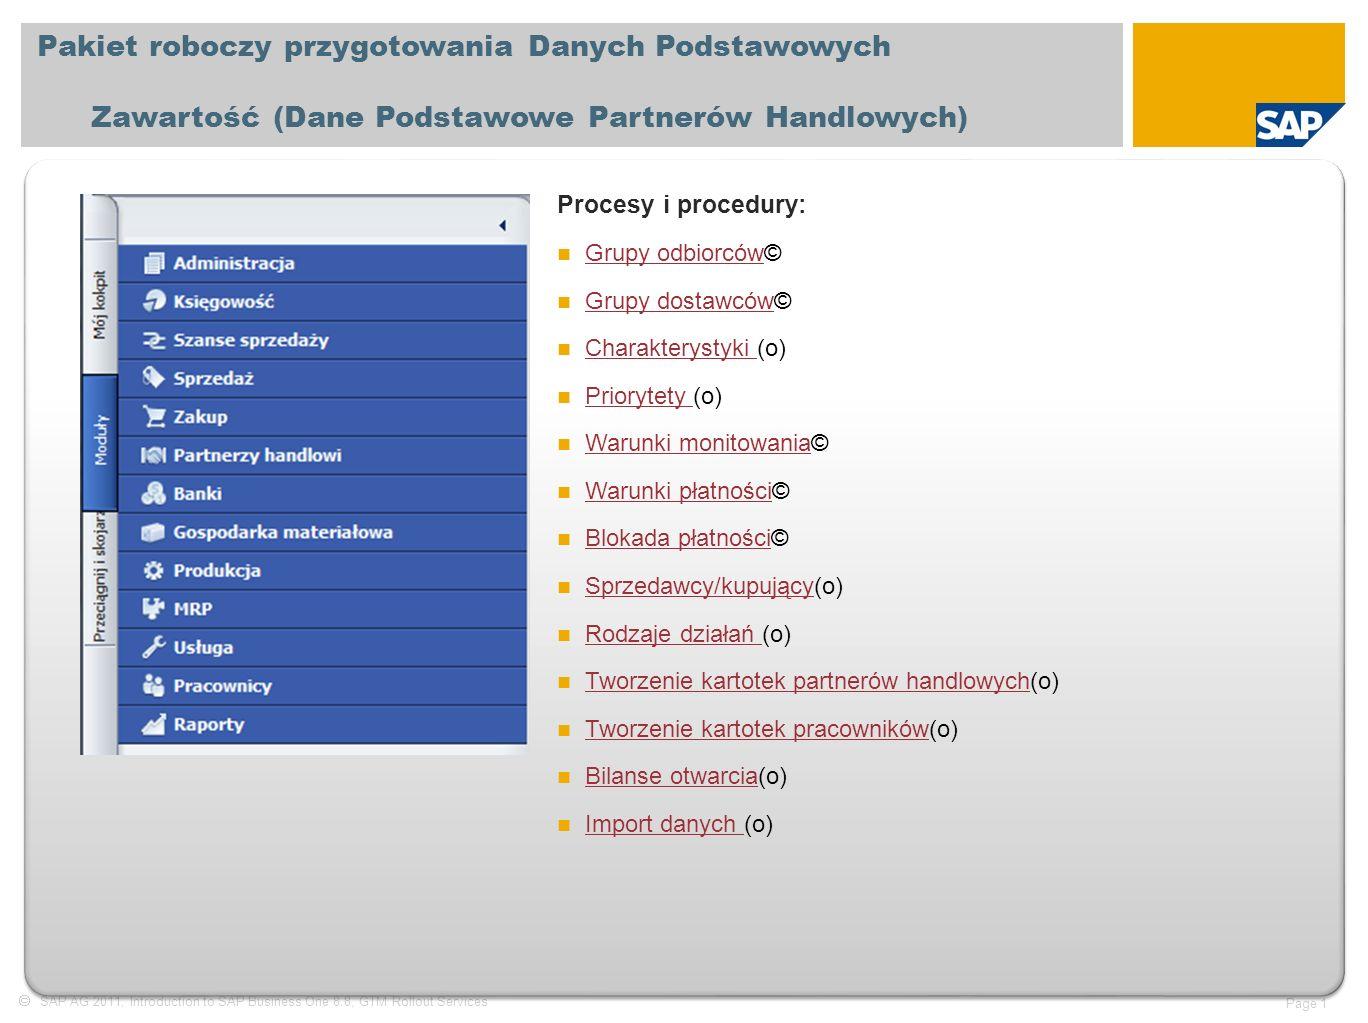  SAP AG 2011, Introduction to SAP Business One 8.8, GTM Rollout Services Page 2 Pakiet roboczy przygotowania Danych Podstawowych Zawartość (Dane podstawowe materiałów) Procesy i procedury : Grupy materiałów © Grupy materiałów Charakterystyki materiałów (o) Charakterystyki materiałów Magazyny © Magazyny Producenci (o) Producenci Rodzaje dostaw (o) Rodzaje dostaw Lokalizacje (o) Lokalizacje Cykle inwentaryzacji © Cykle inwentaryzacji Rodzaje opakowań (o) Rodzaje opakowań Towary zastępcze (o) Towary zastępcze Katalogi (o) Katalogi Grupy ceł © Grupy ceł Tworzenie kartoteki materiału (o) Tworzenie kartoteki materiału Tworzenie drzewa produktu (o) Tworzenie drzewa produktu Numery seryjne (o) Numery seryjne Numery partii (o) Numery partii